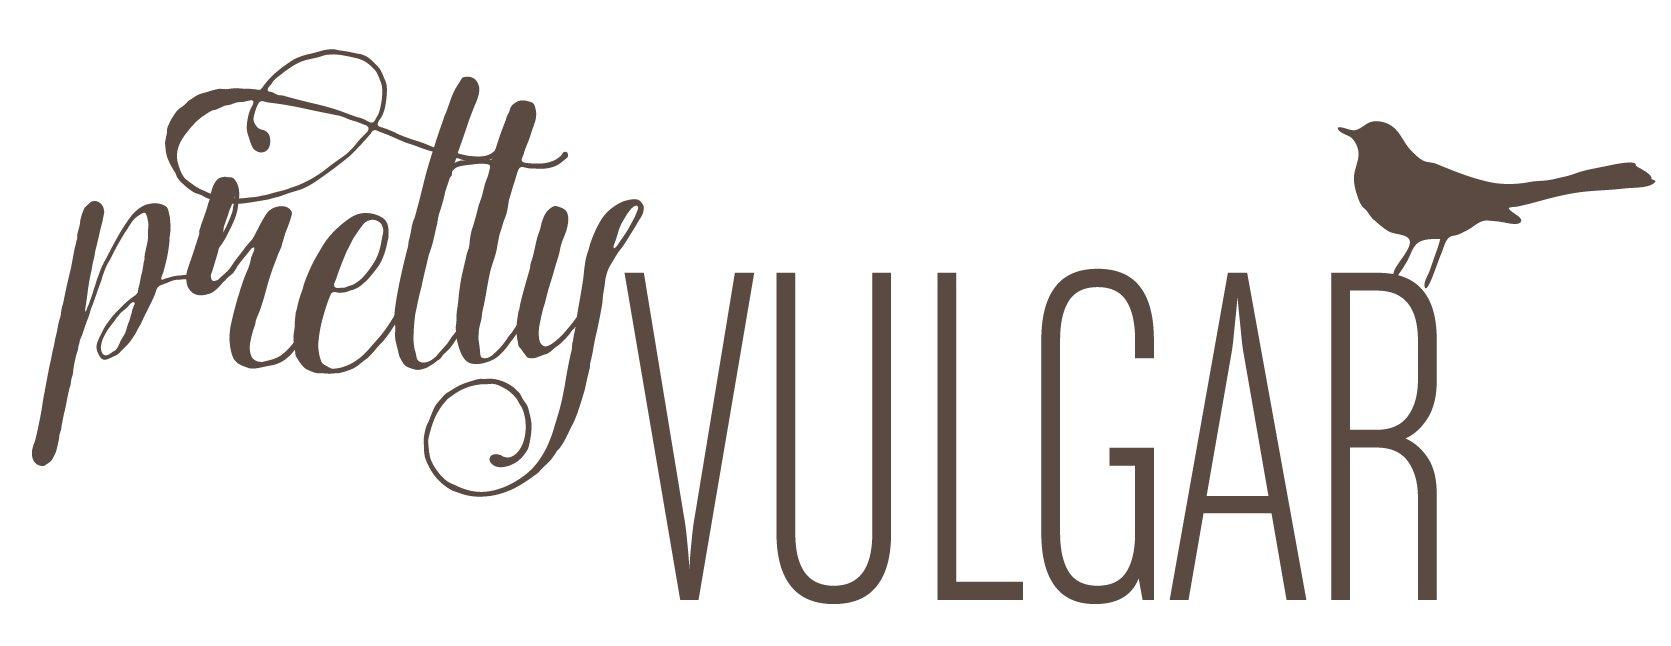 Pretty Vulgar